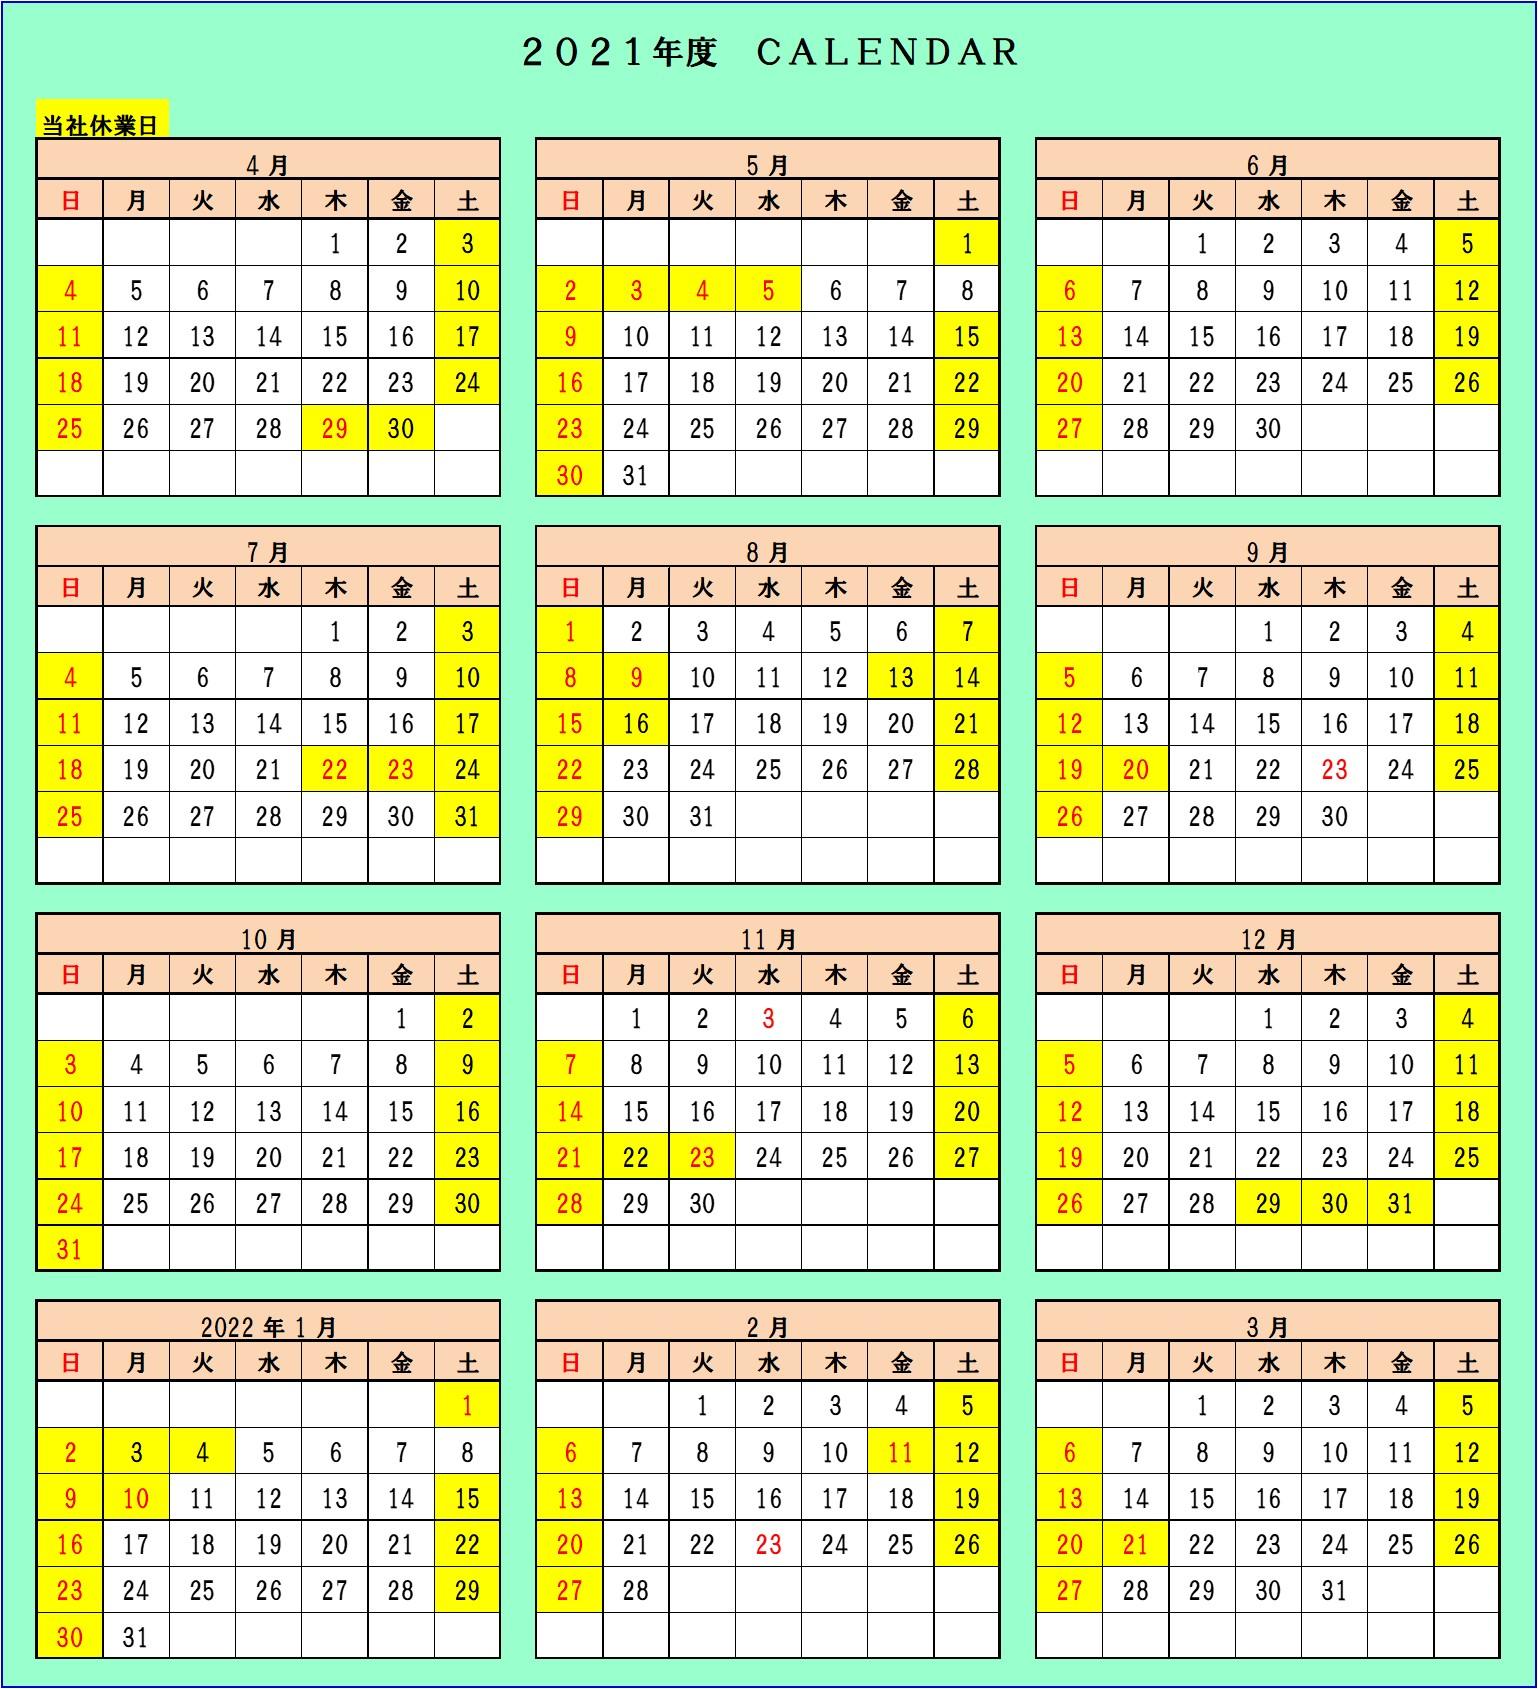 2021年度操業カレンダー